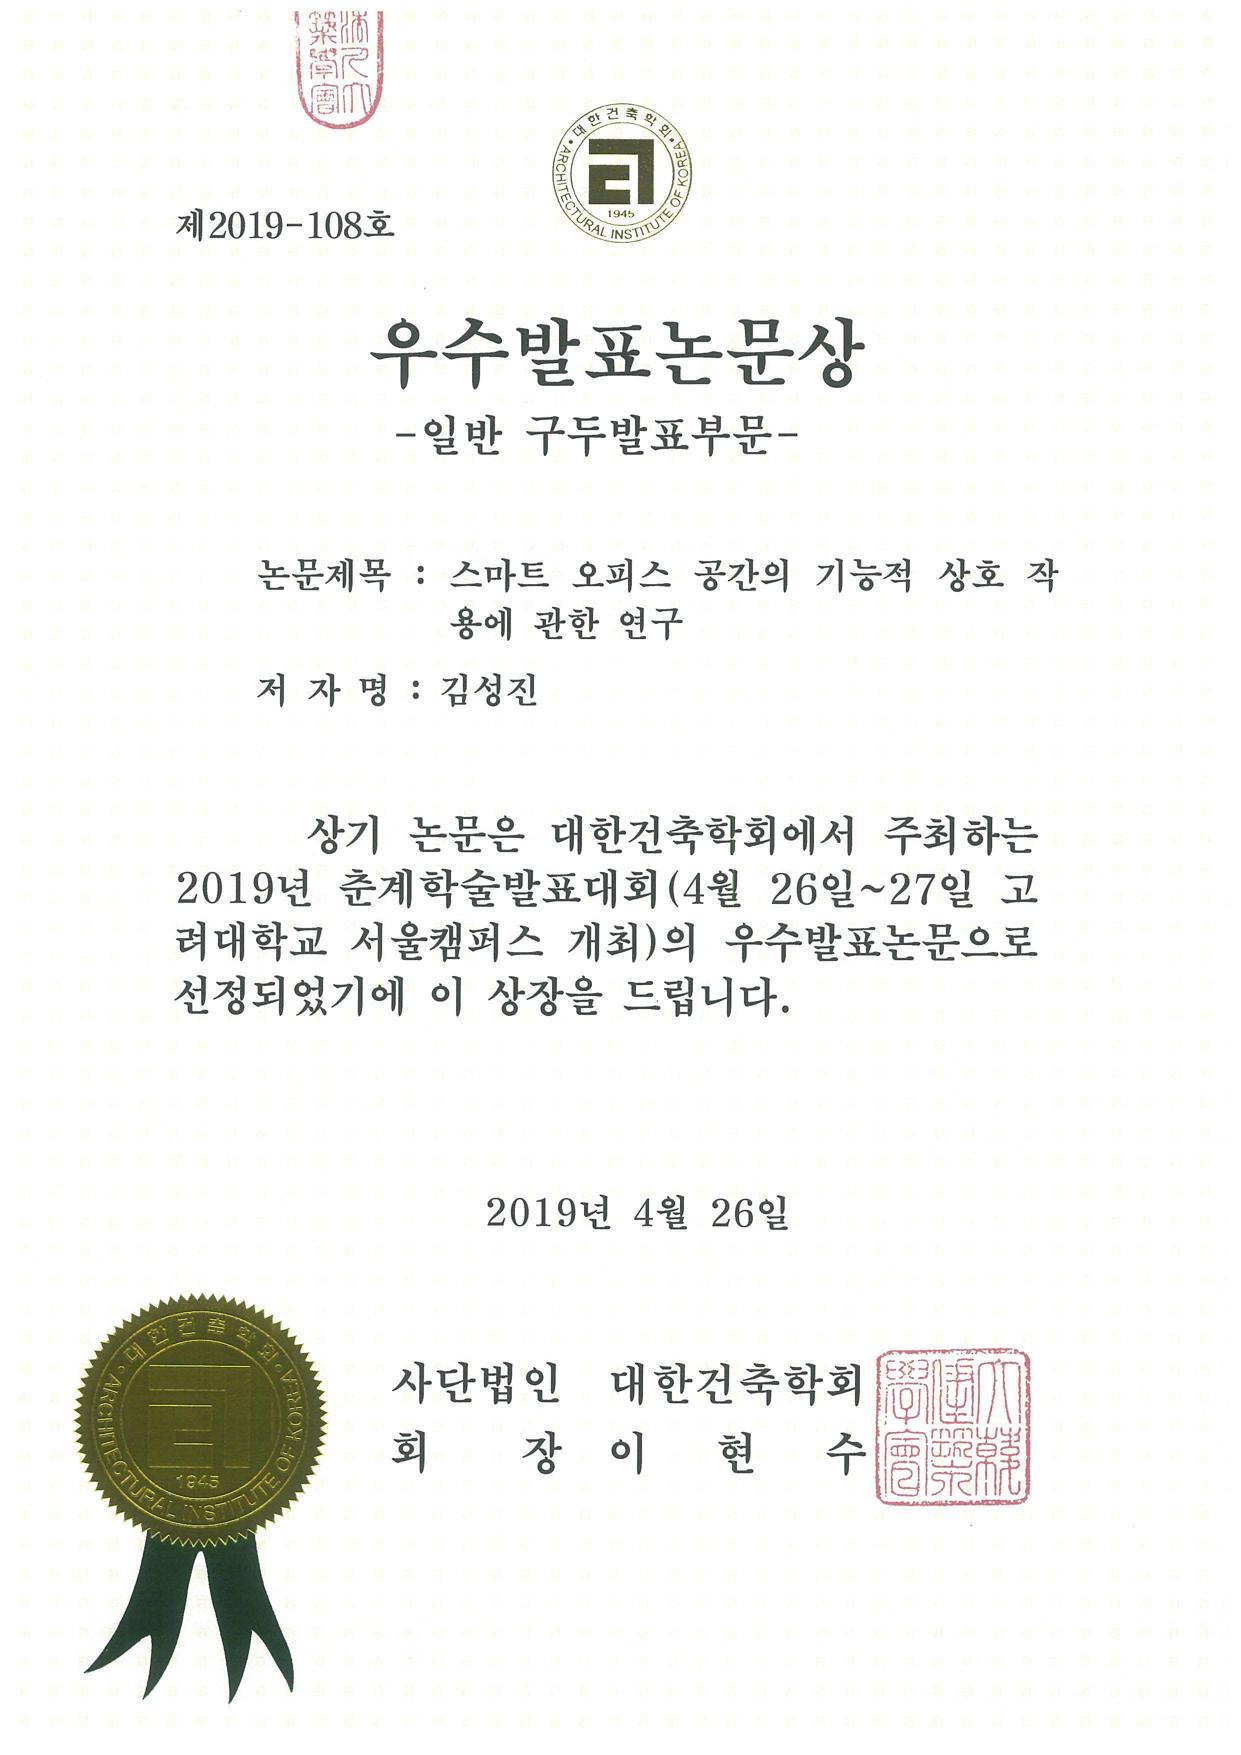 2019년 춘계 대한건축학회 학술발표대회에서 김성진 교수(건축디자인과) 우수논문상 수상0